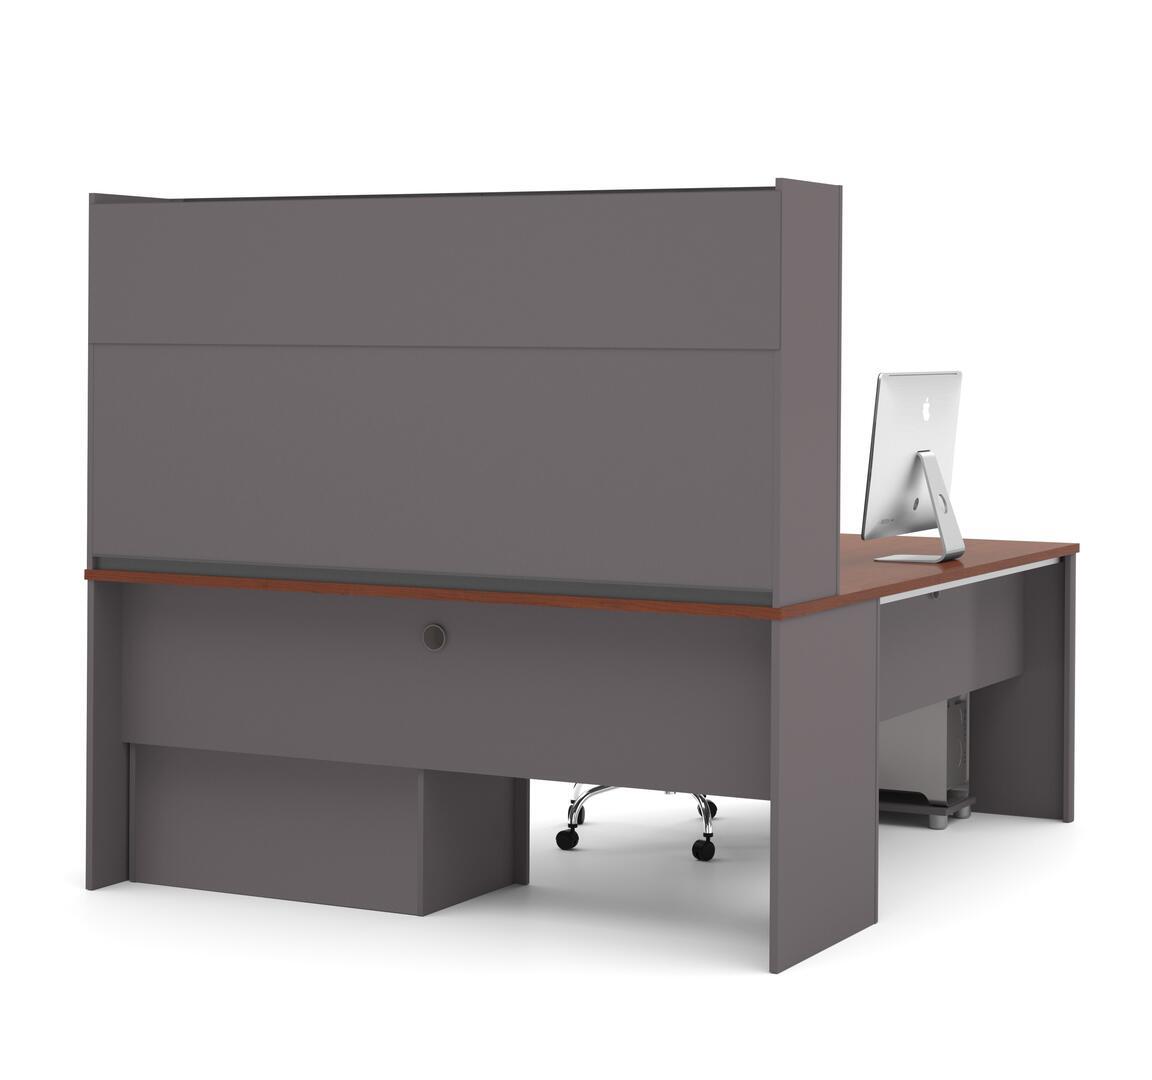 Bestar furniture 9386739 modern l shape office desk for Furniture connection